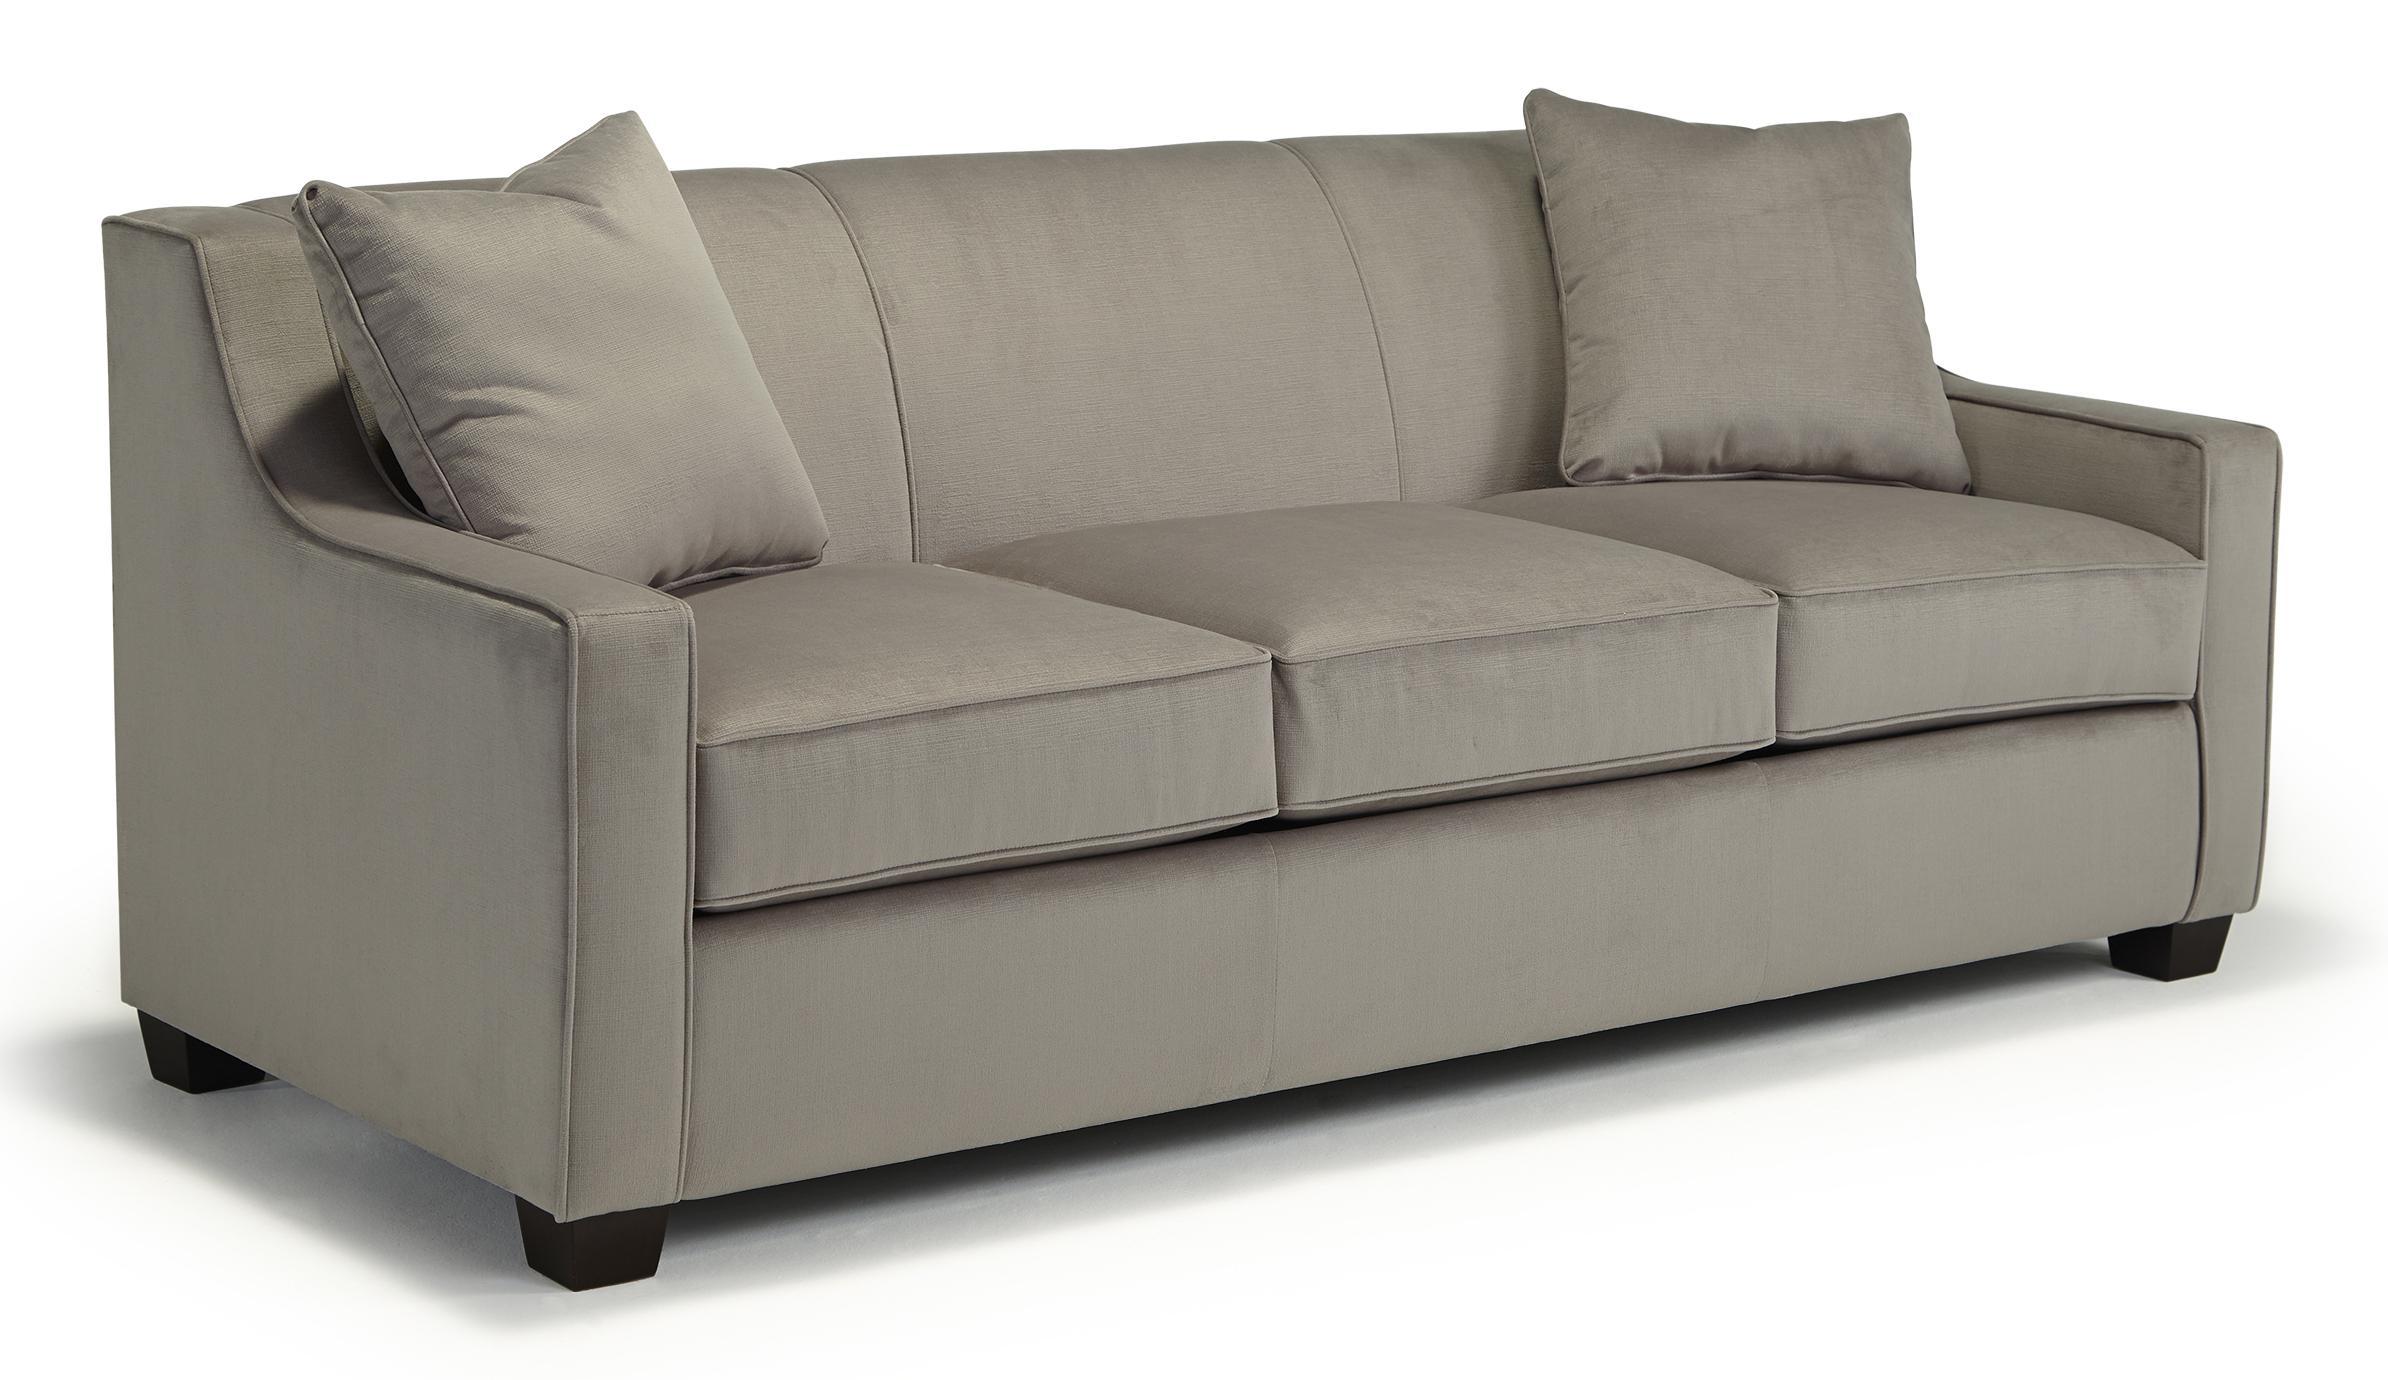 Marinette Queen Sleeper w/ MemoryFoam Mattress by Best Home Furnishings at Best Home Furnishings